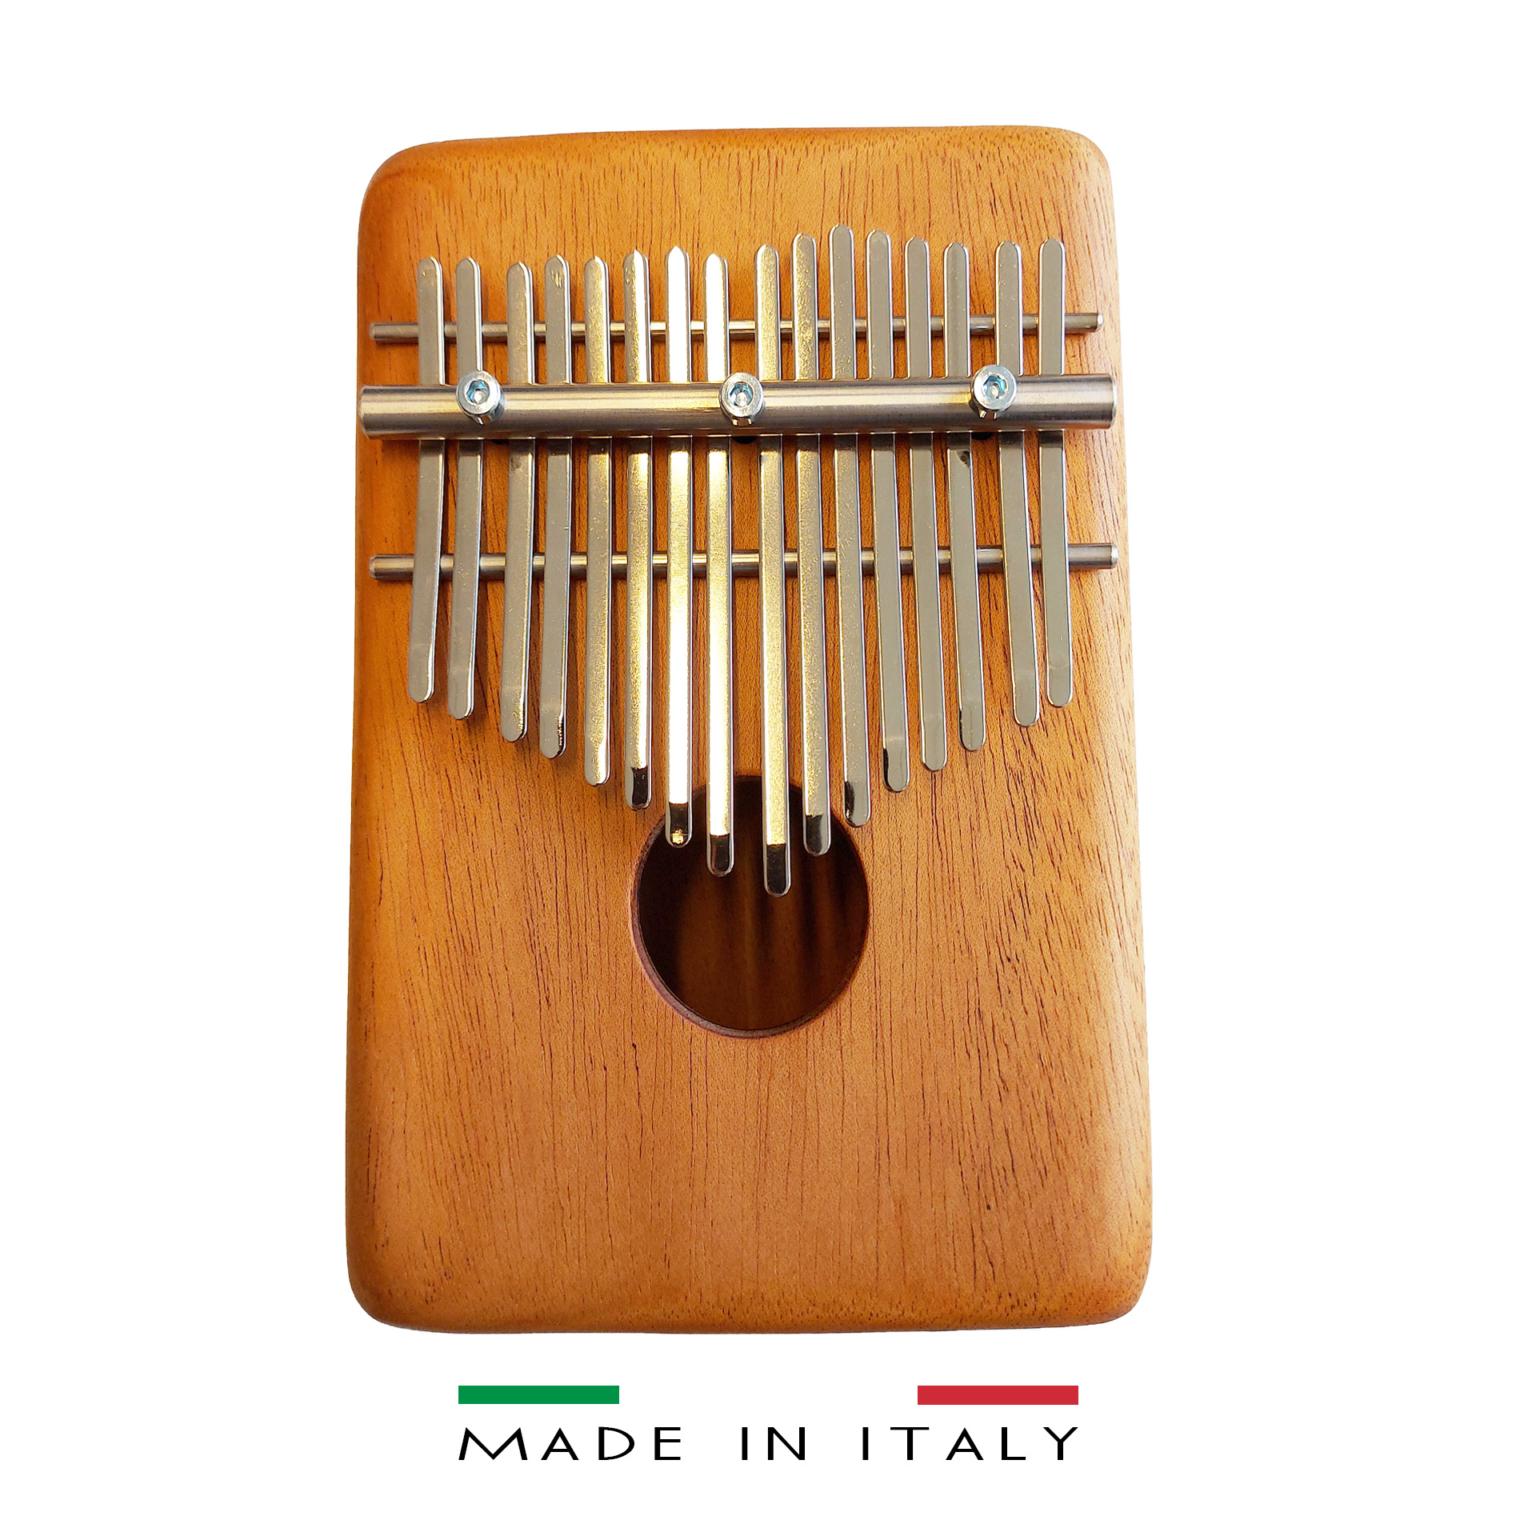 16 Tonen italiaanse kalimba